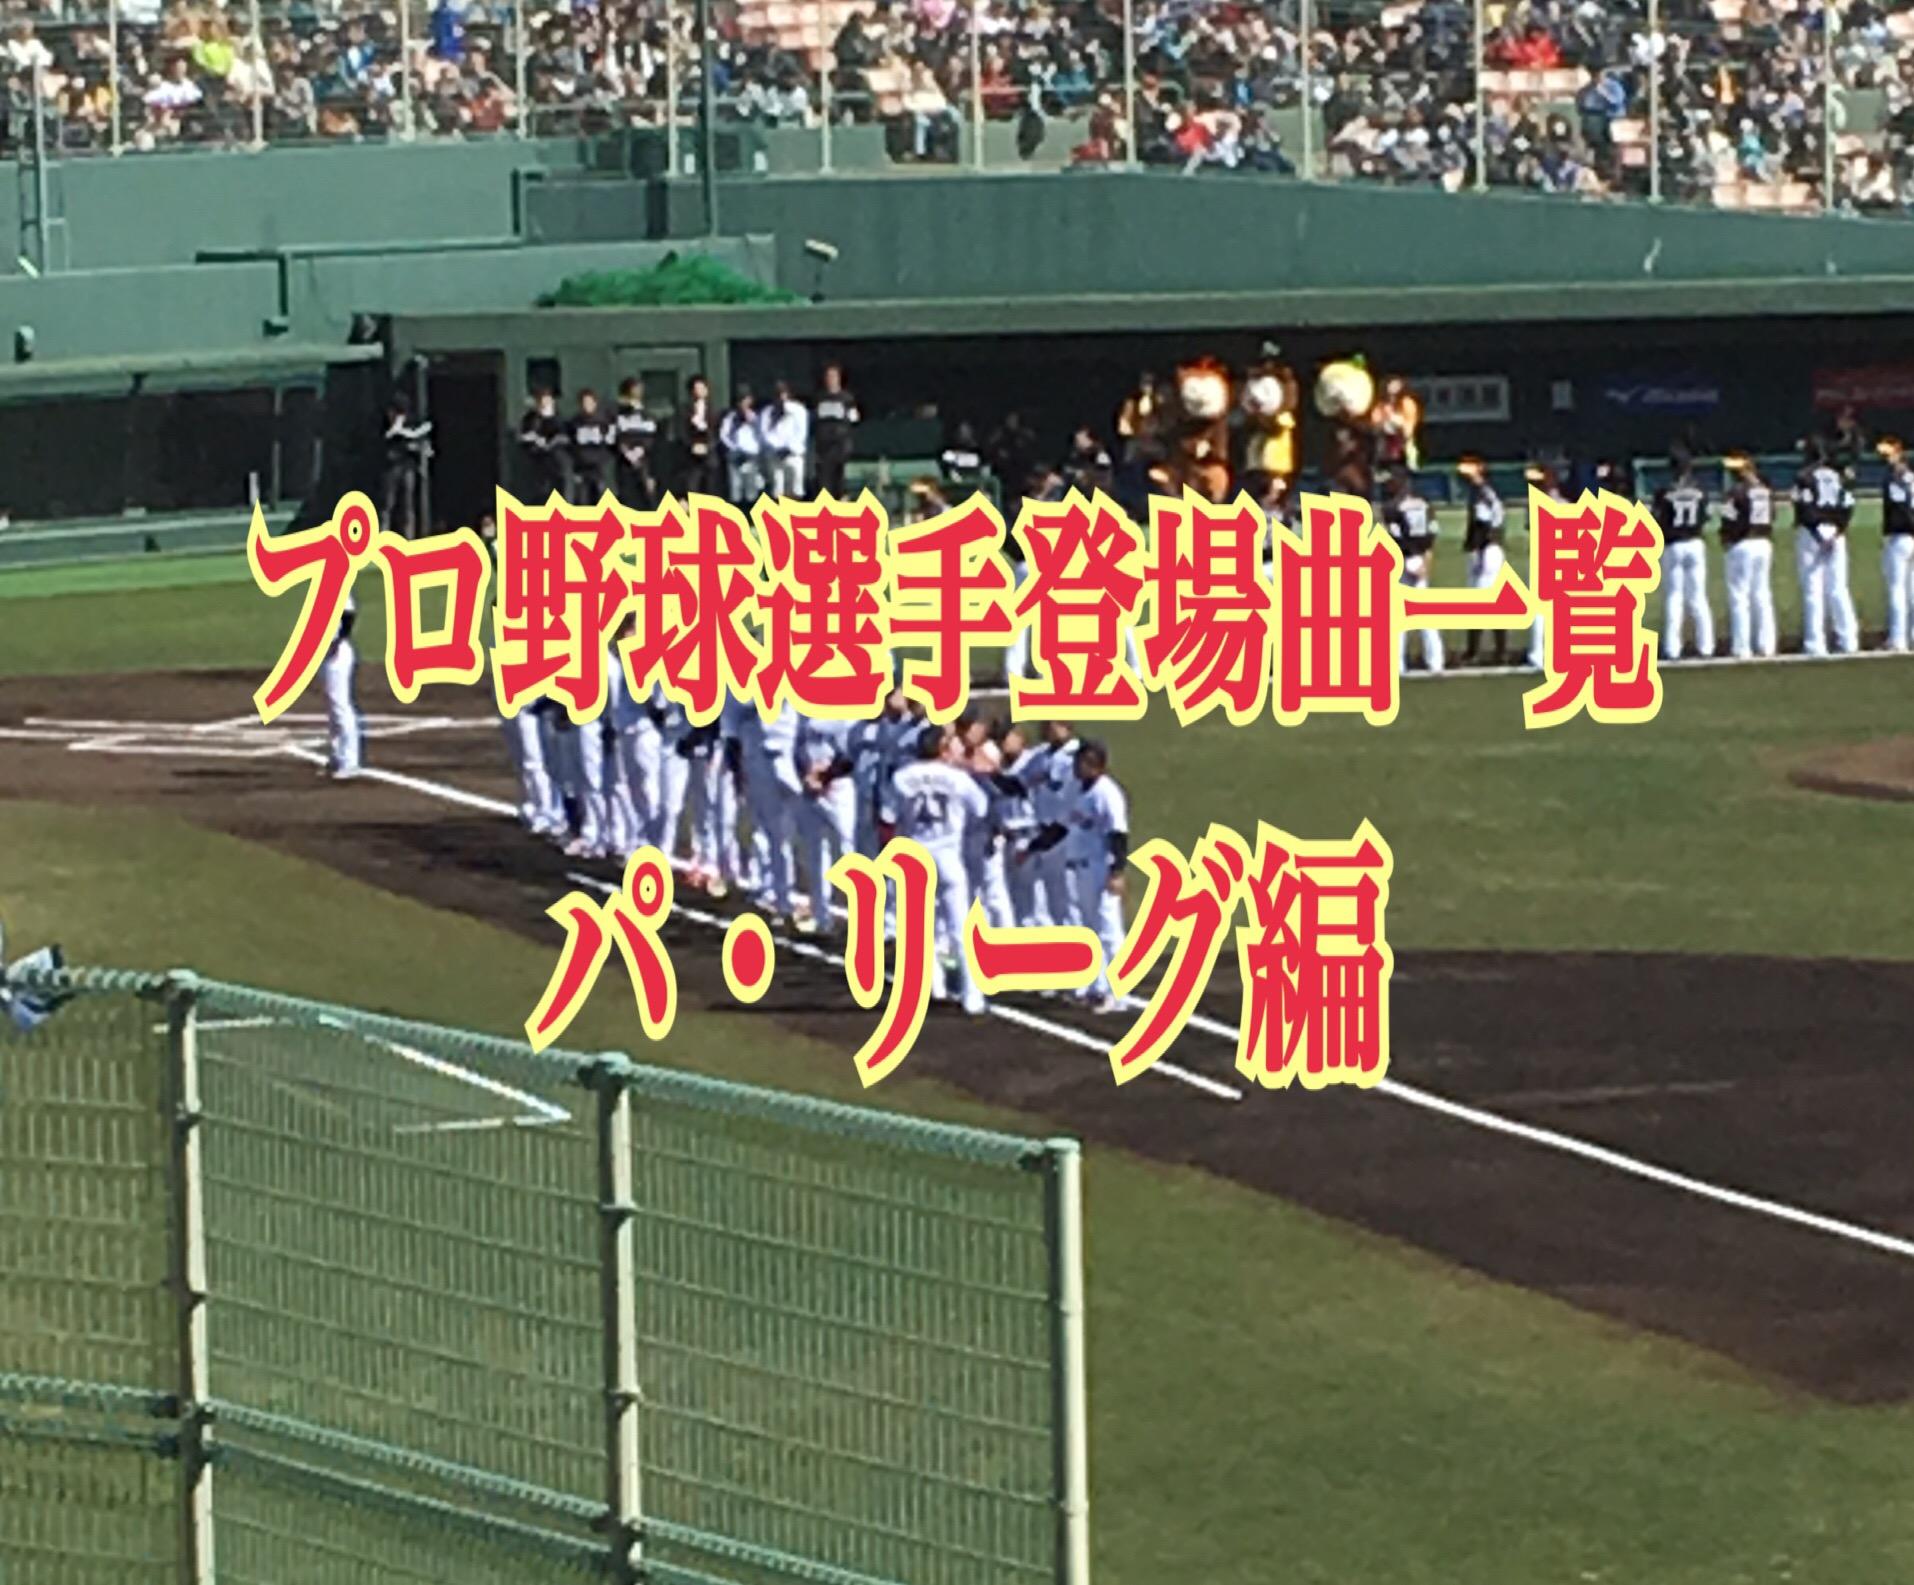 プロ野球パ・リーグ選手登場曲一覧 | Goroプロジェクト